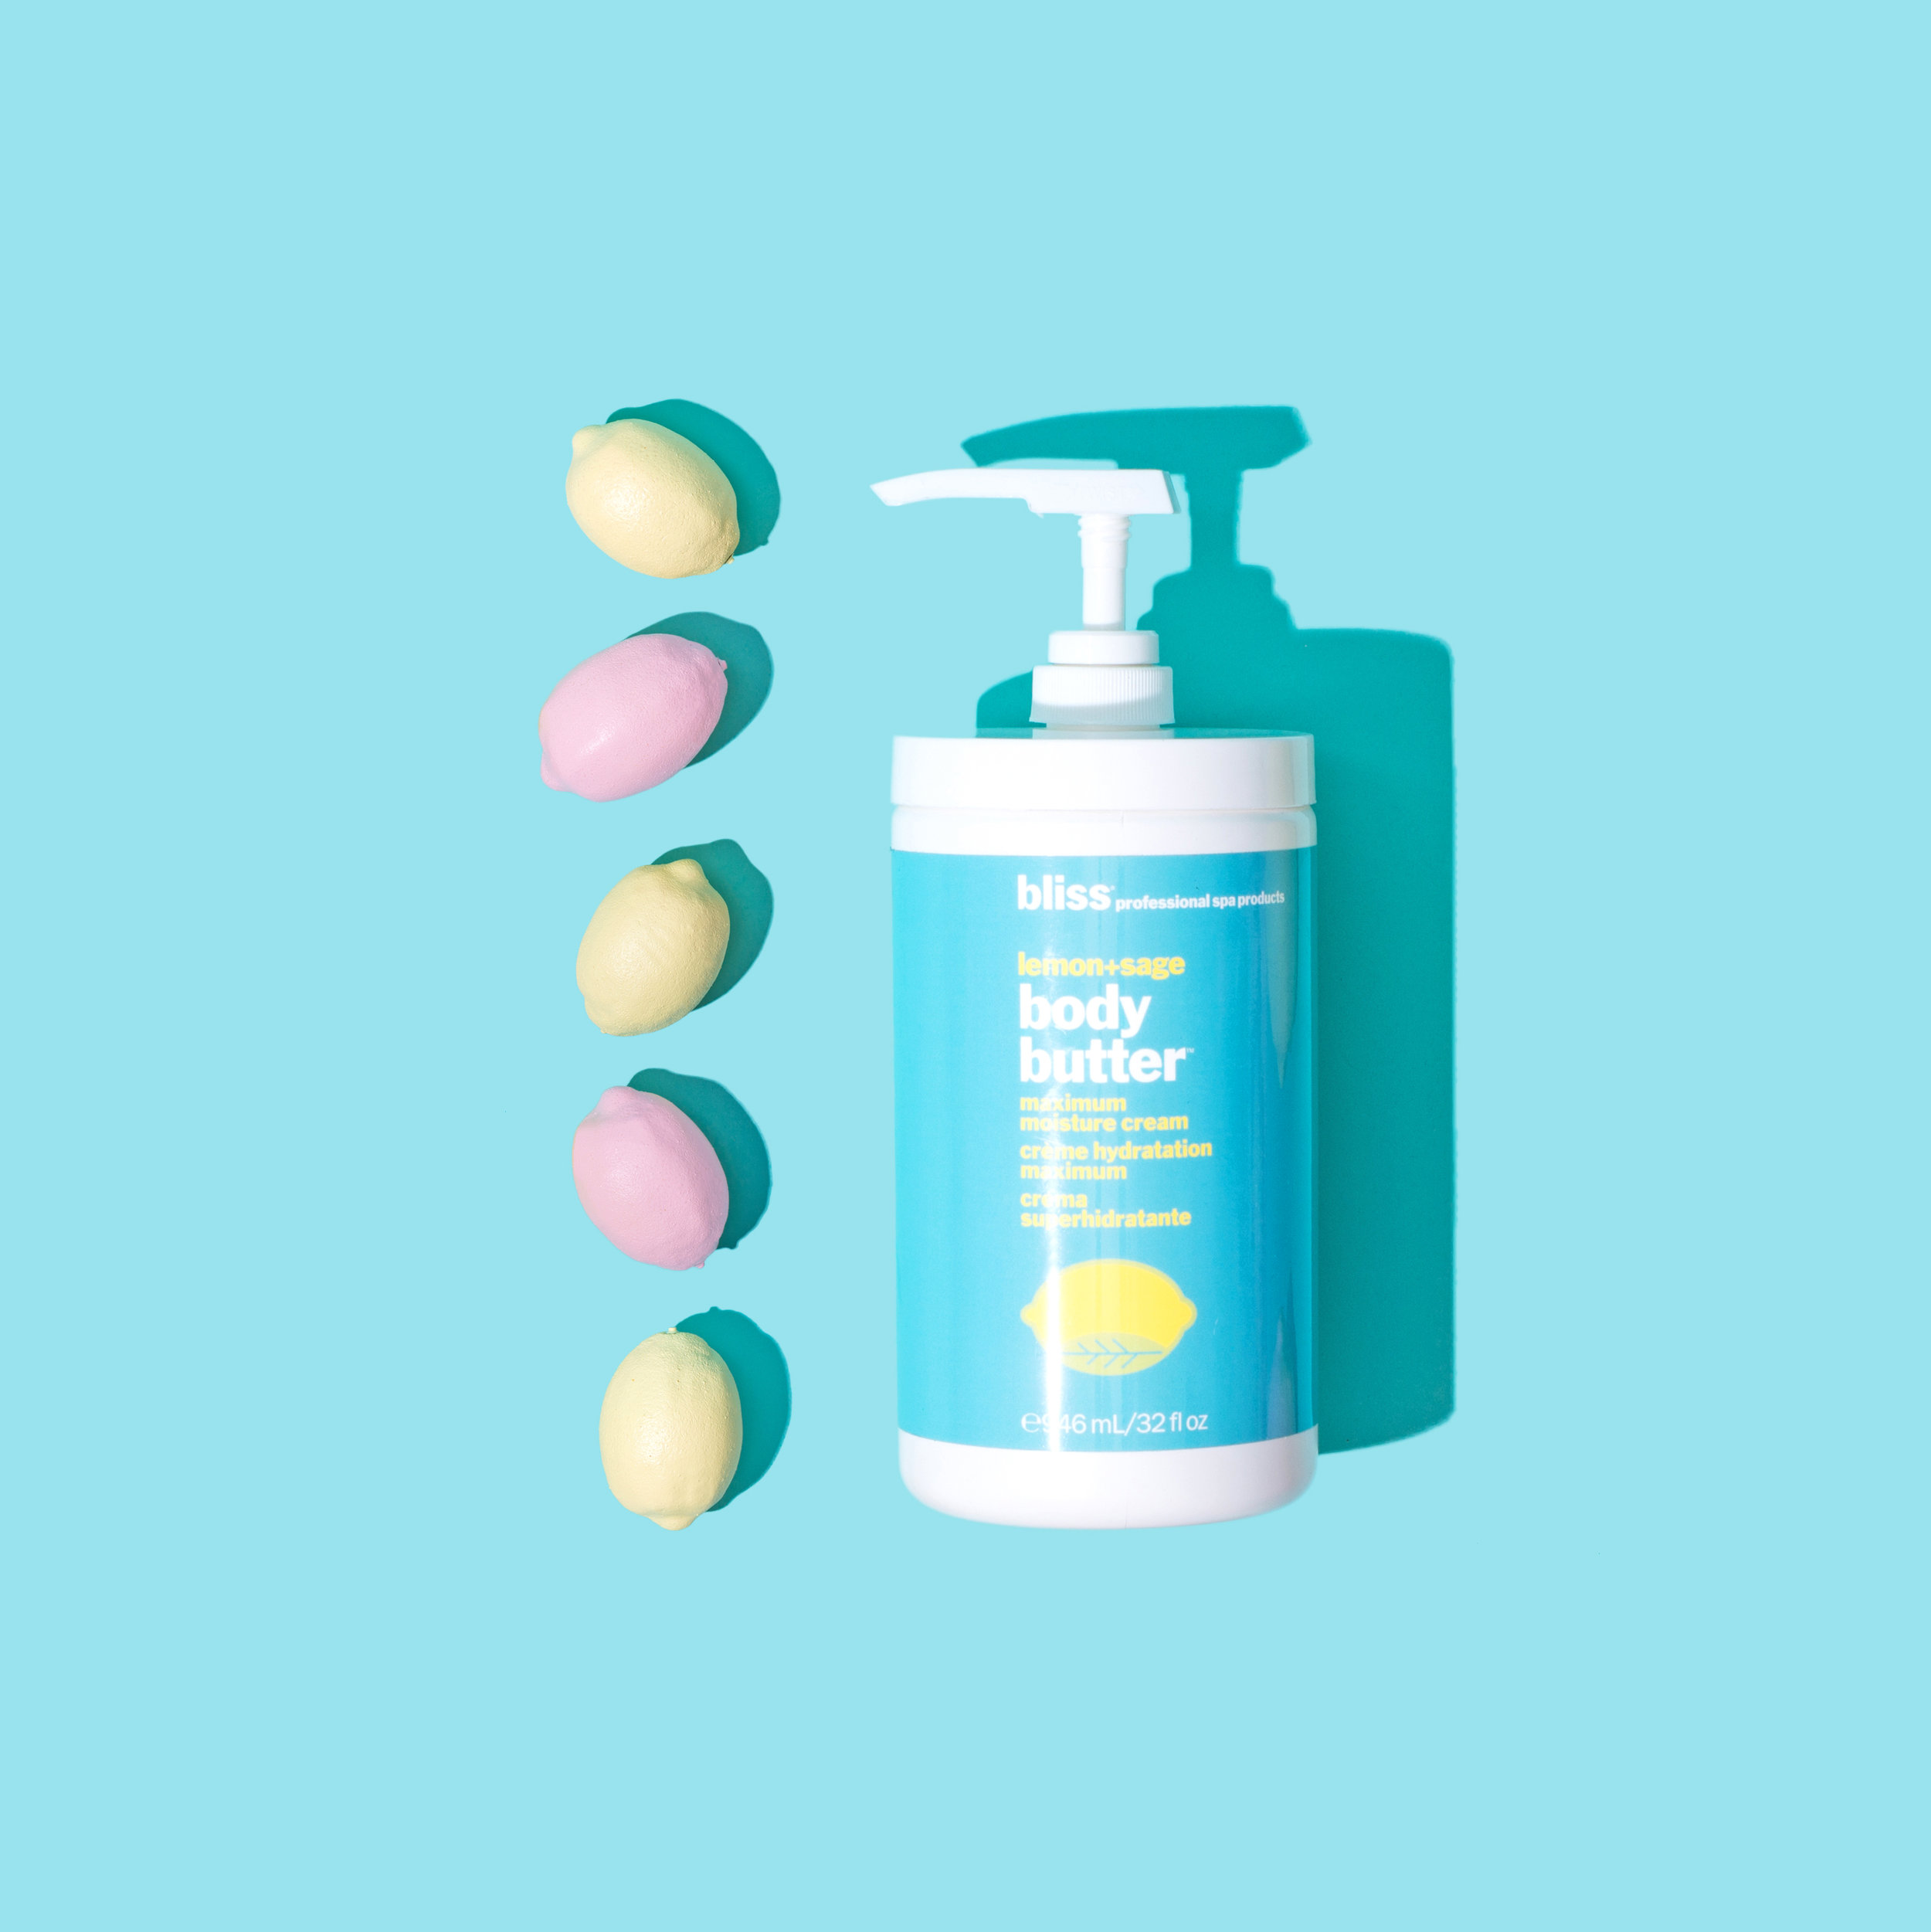 Bliss Pro Size Lemon 1.2D.jpg